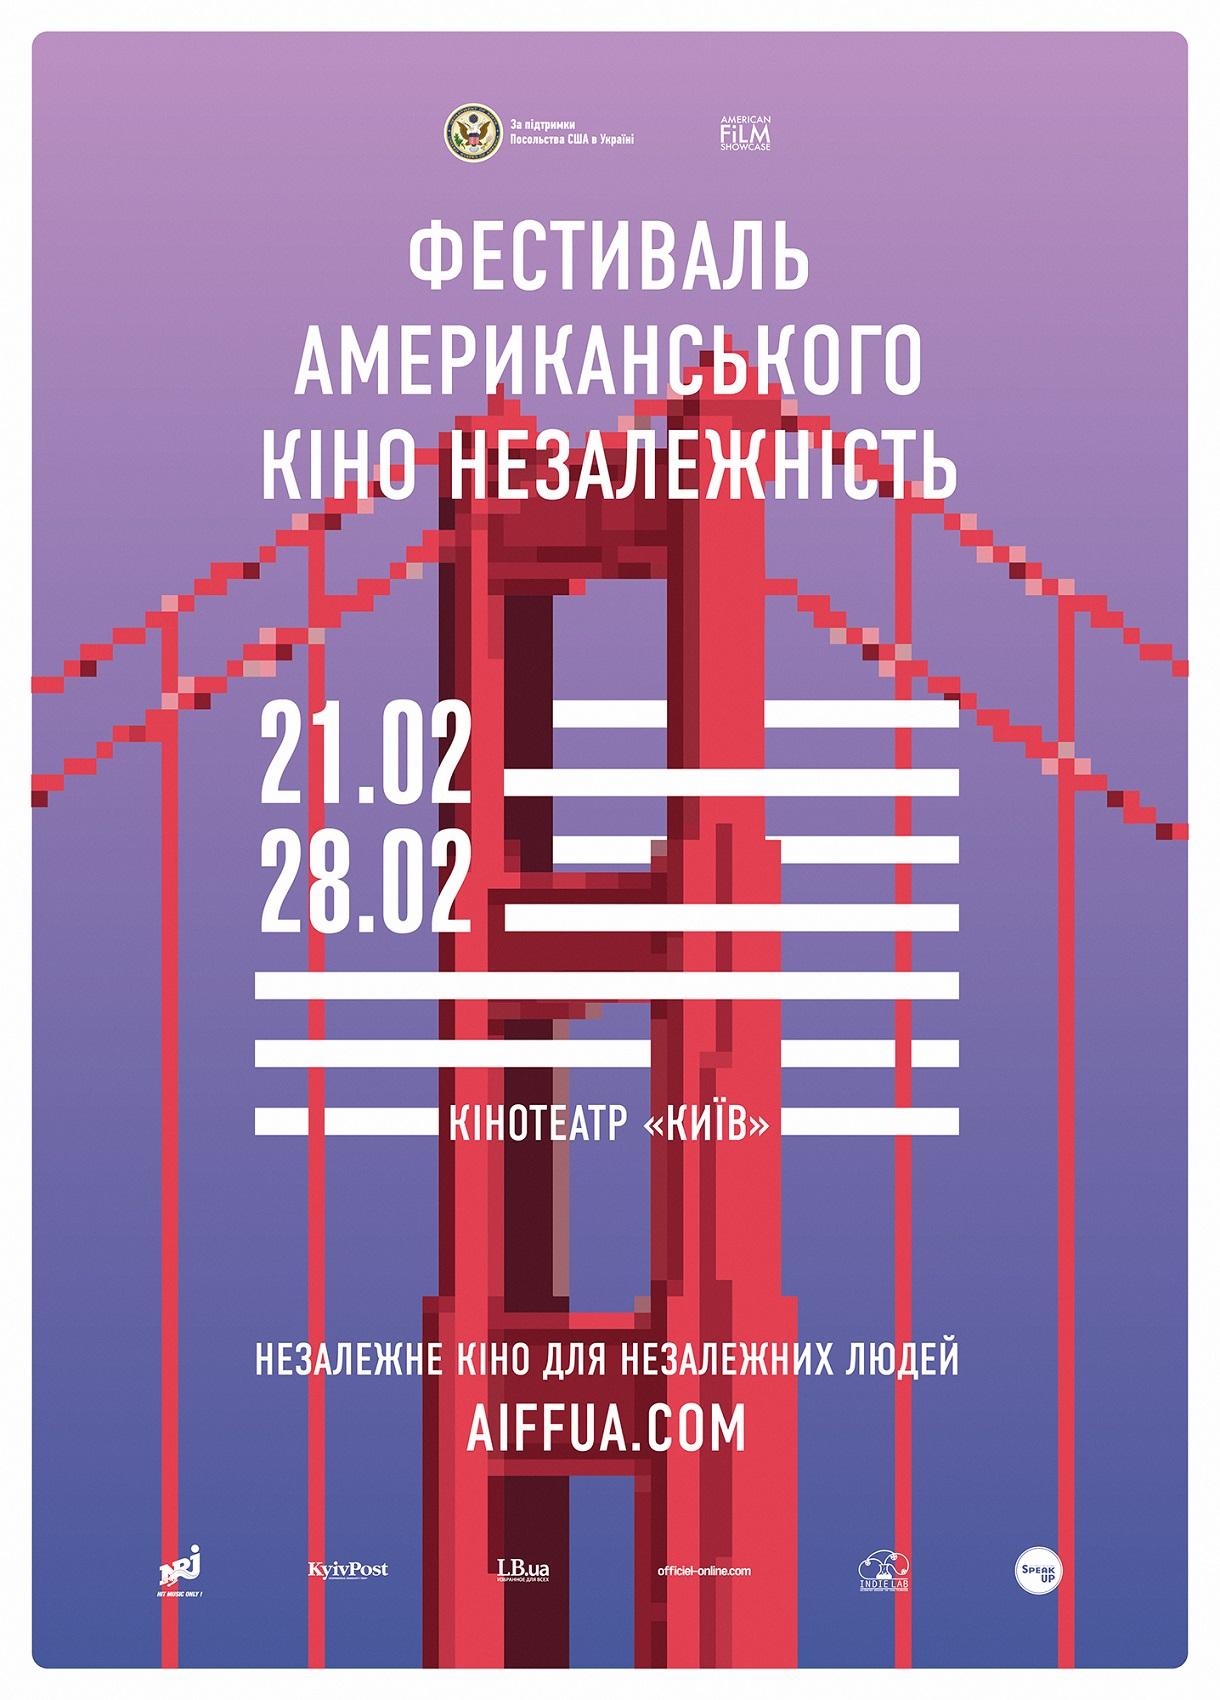 Постеры: Фильм - Фестиваль американского кино